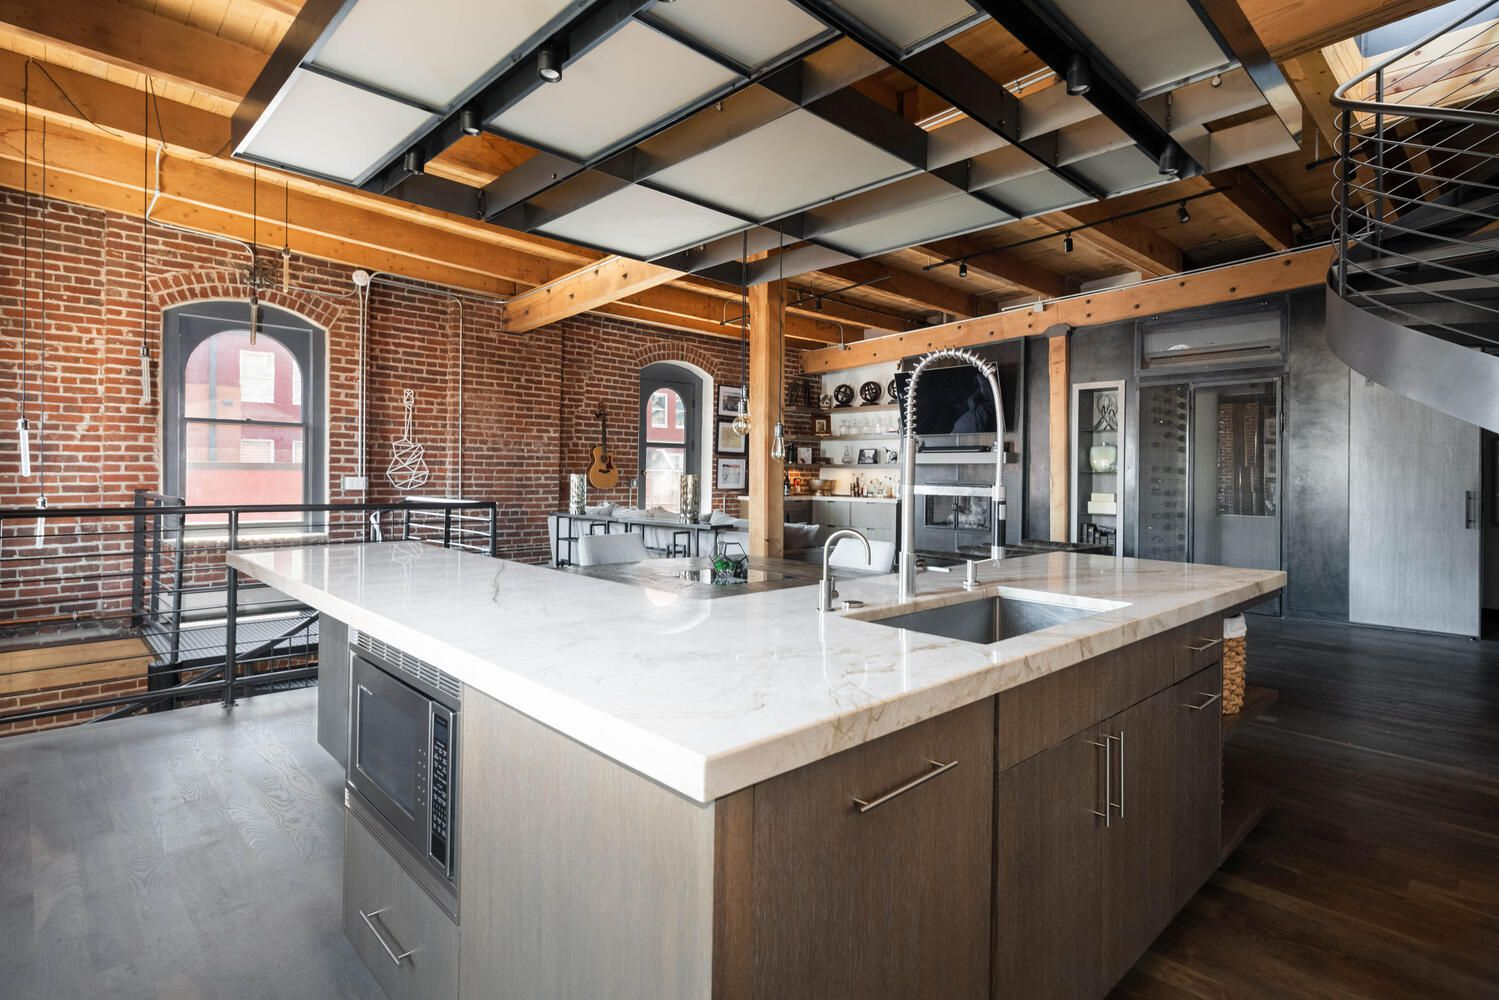 1792 Wynkoop St #501 kitchen island